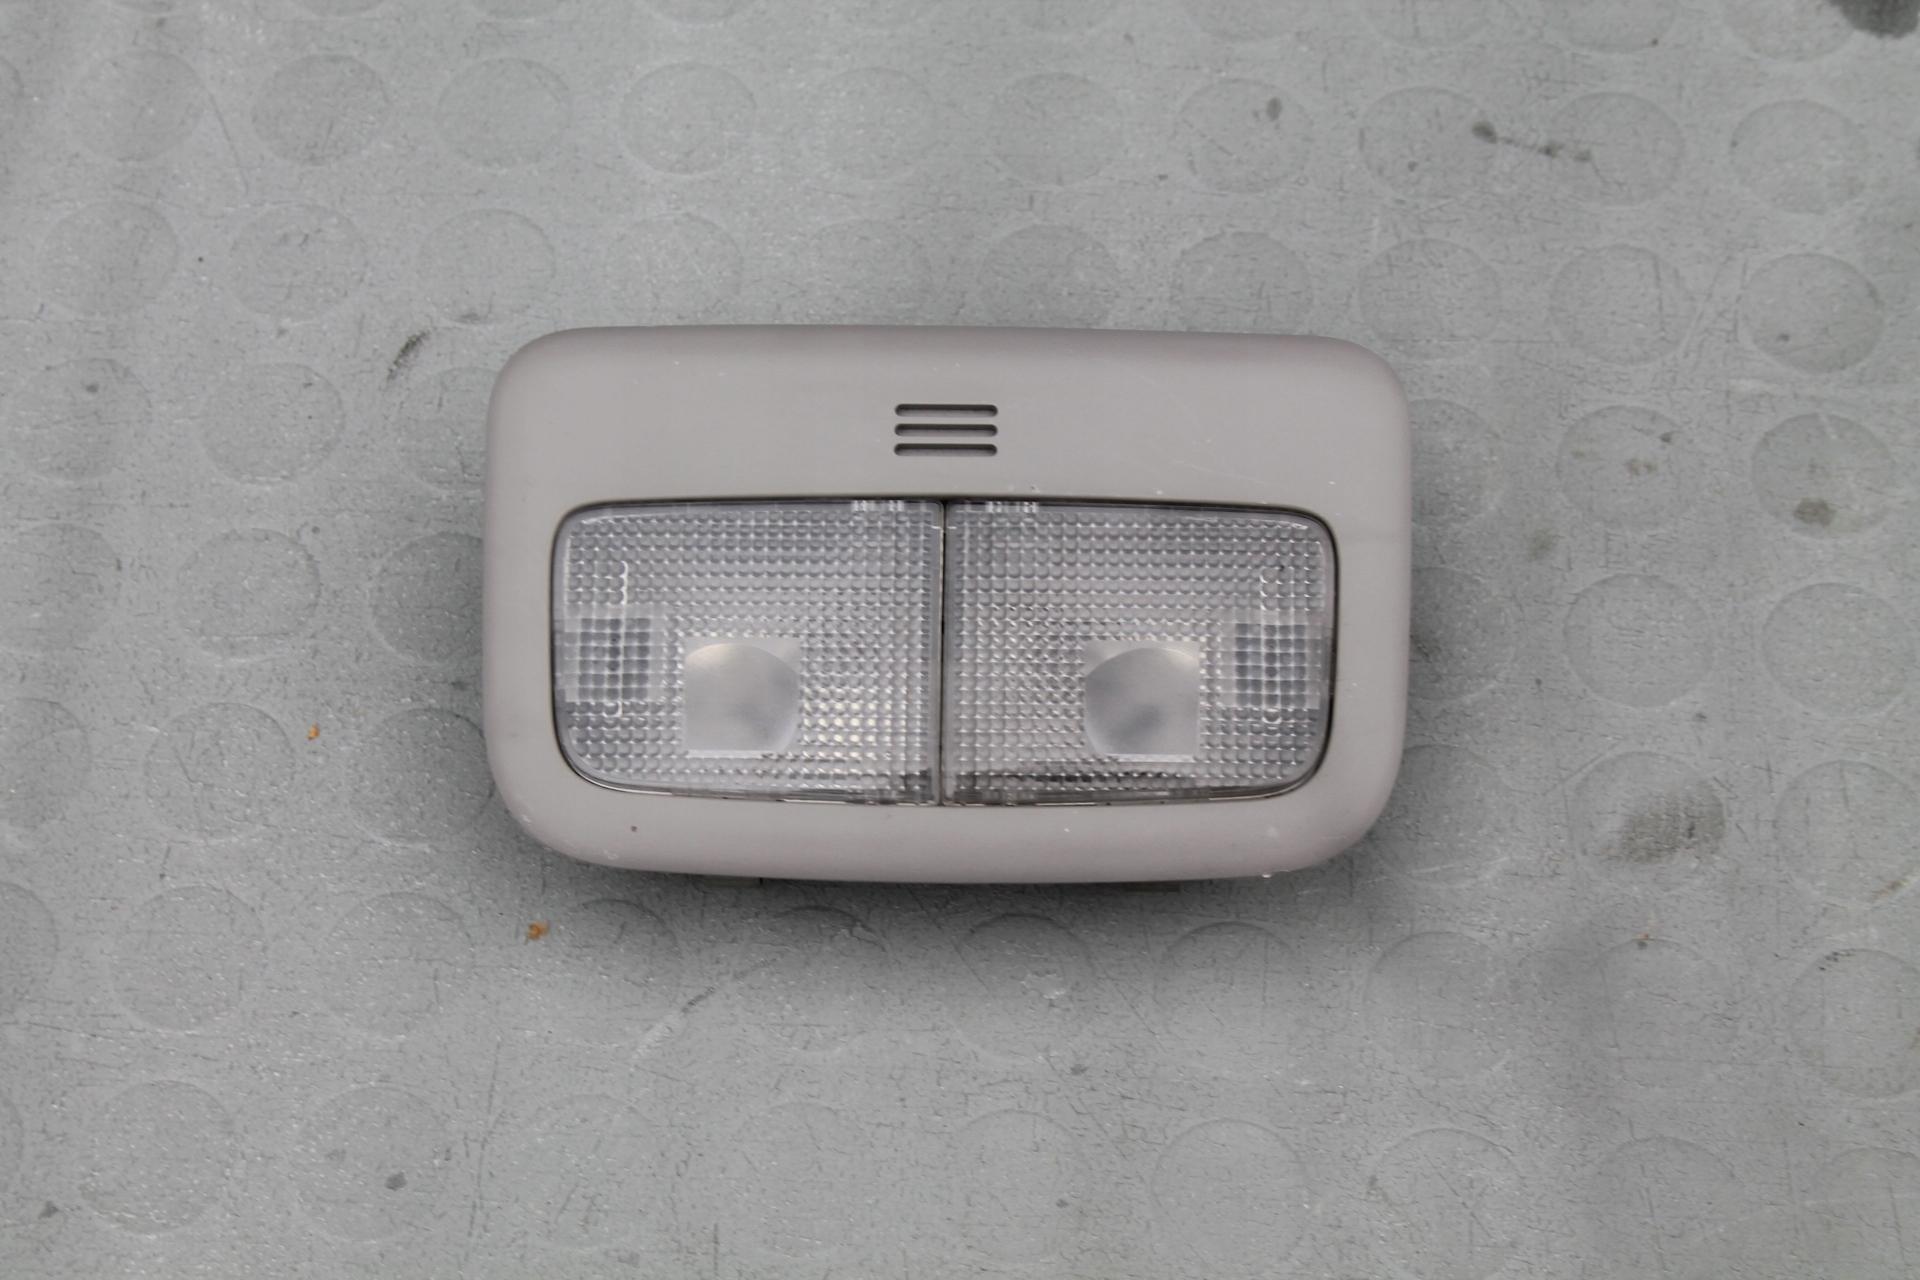 Lampka Oświetlenia Wnętrza Toyota Yaris Ii 05 11